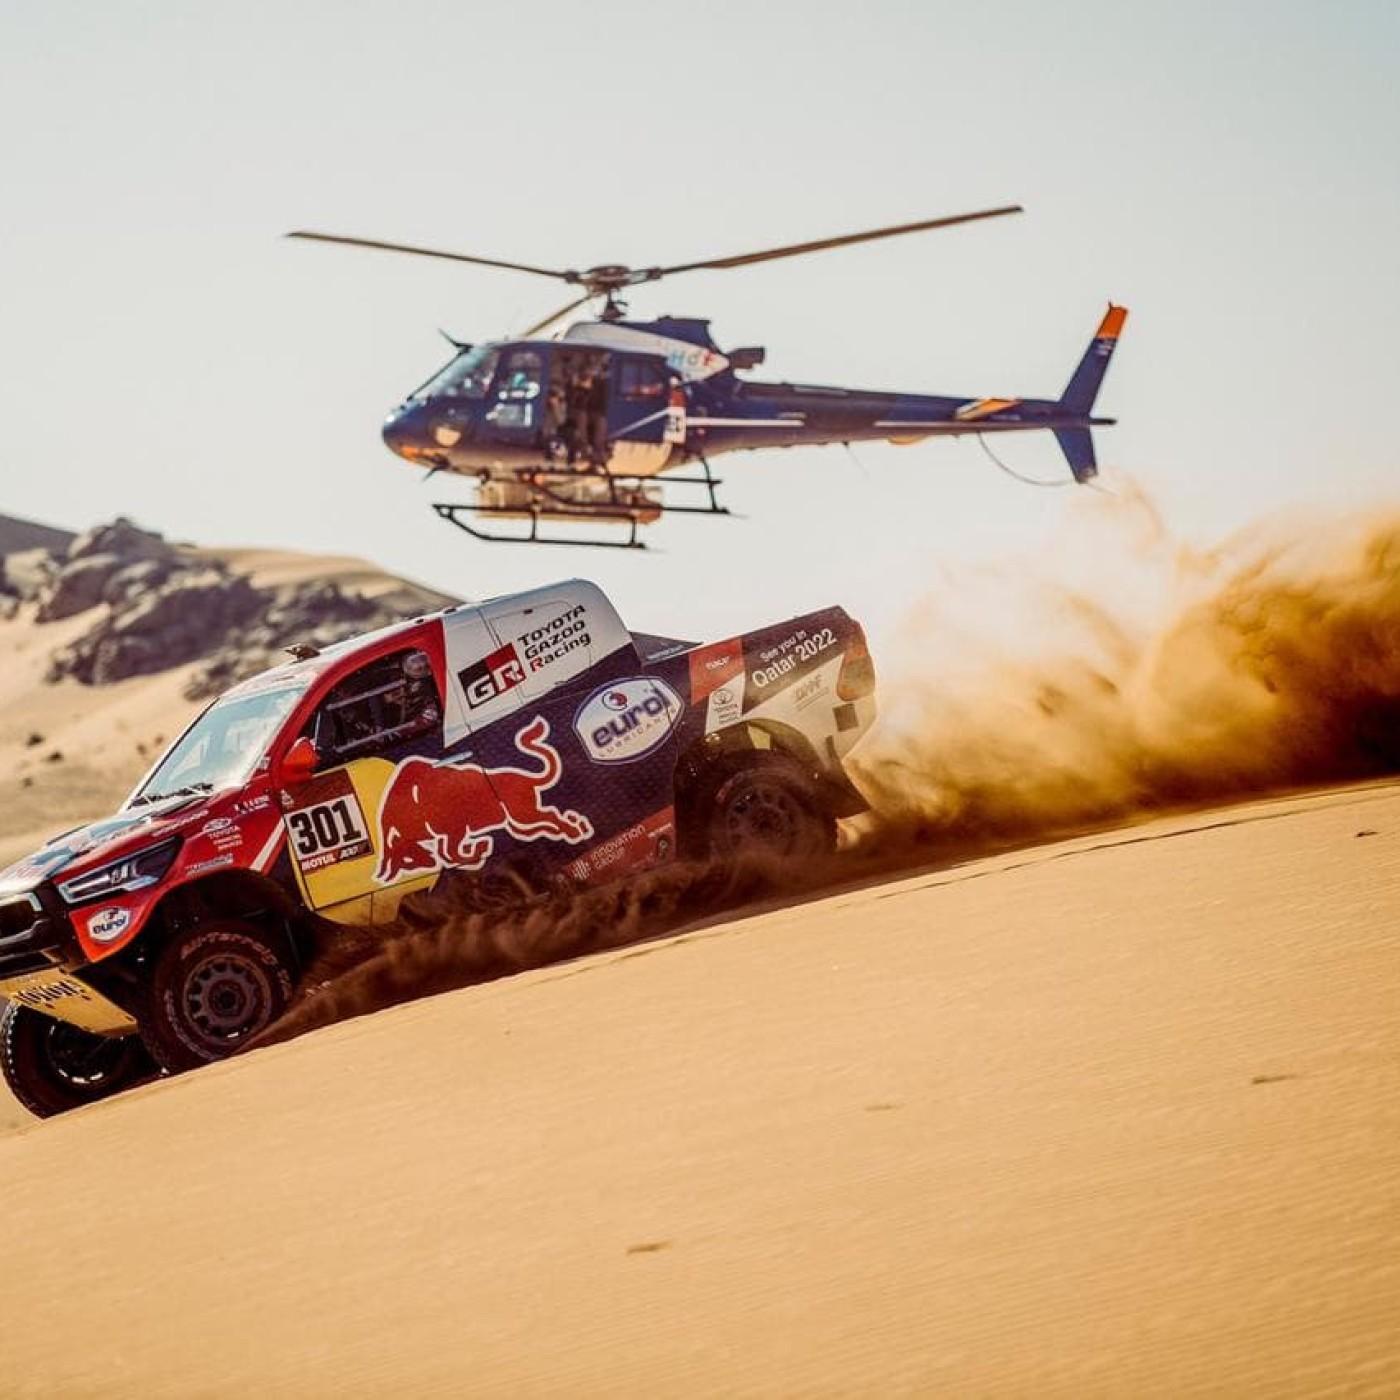 Franck bosse au Safety Center du Dakar - 12 01 2021 - StereoChic Radio